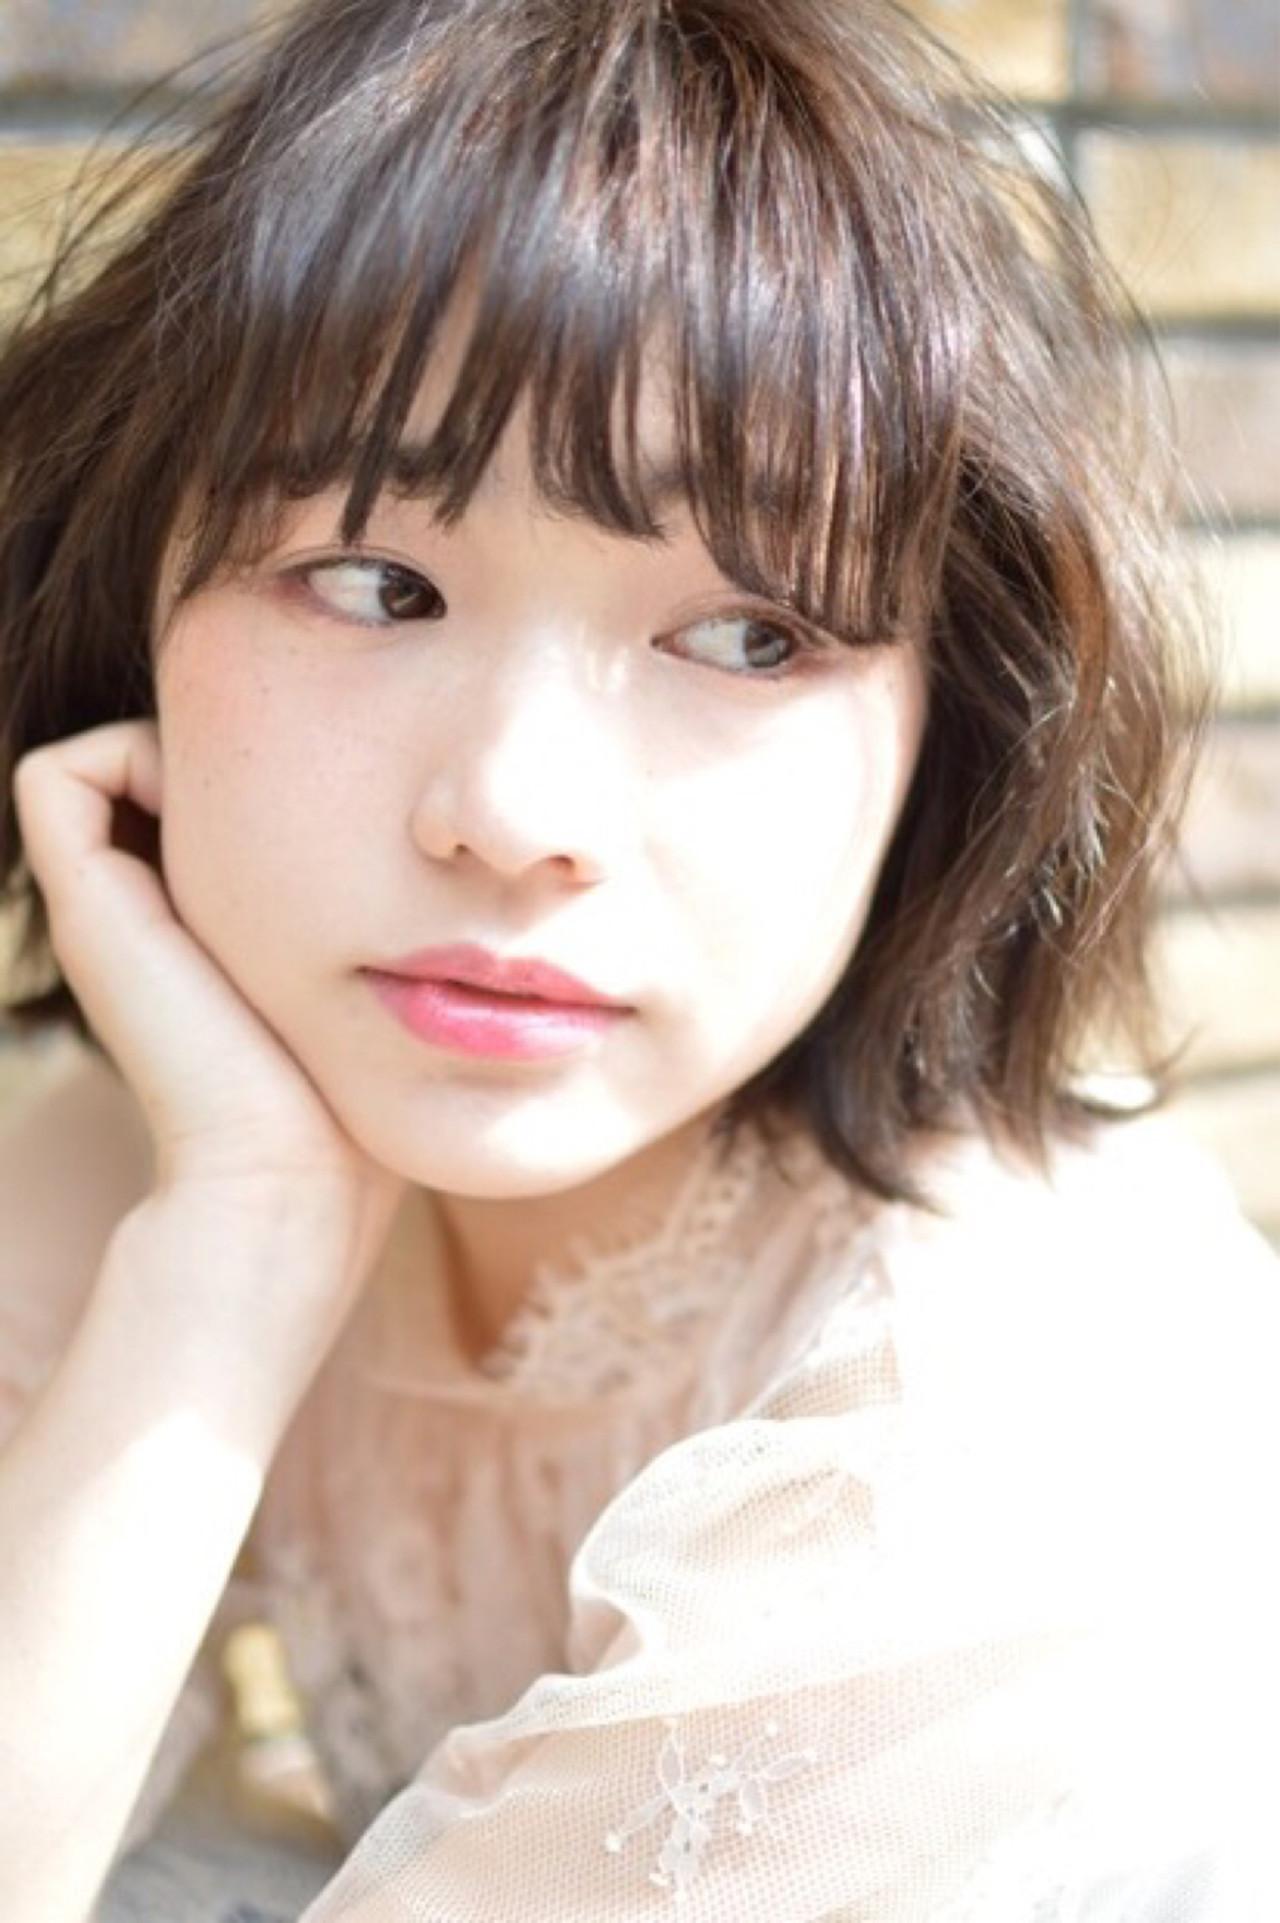 ボブヘアならもっと女性らしく? miyuki saito | lani hair